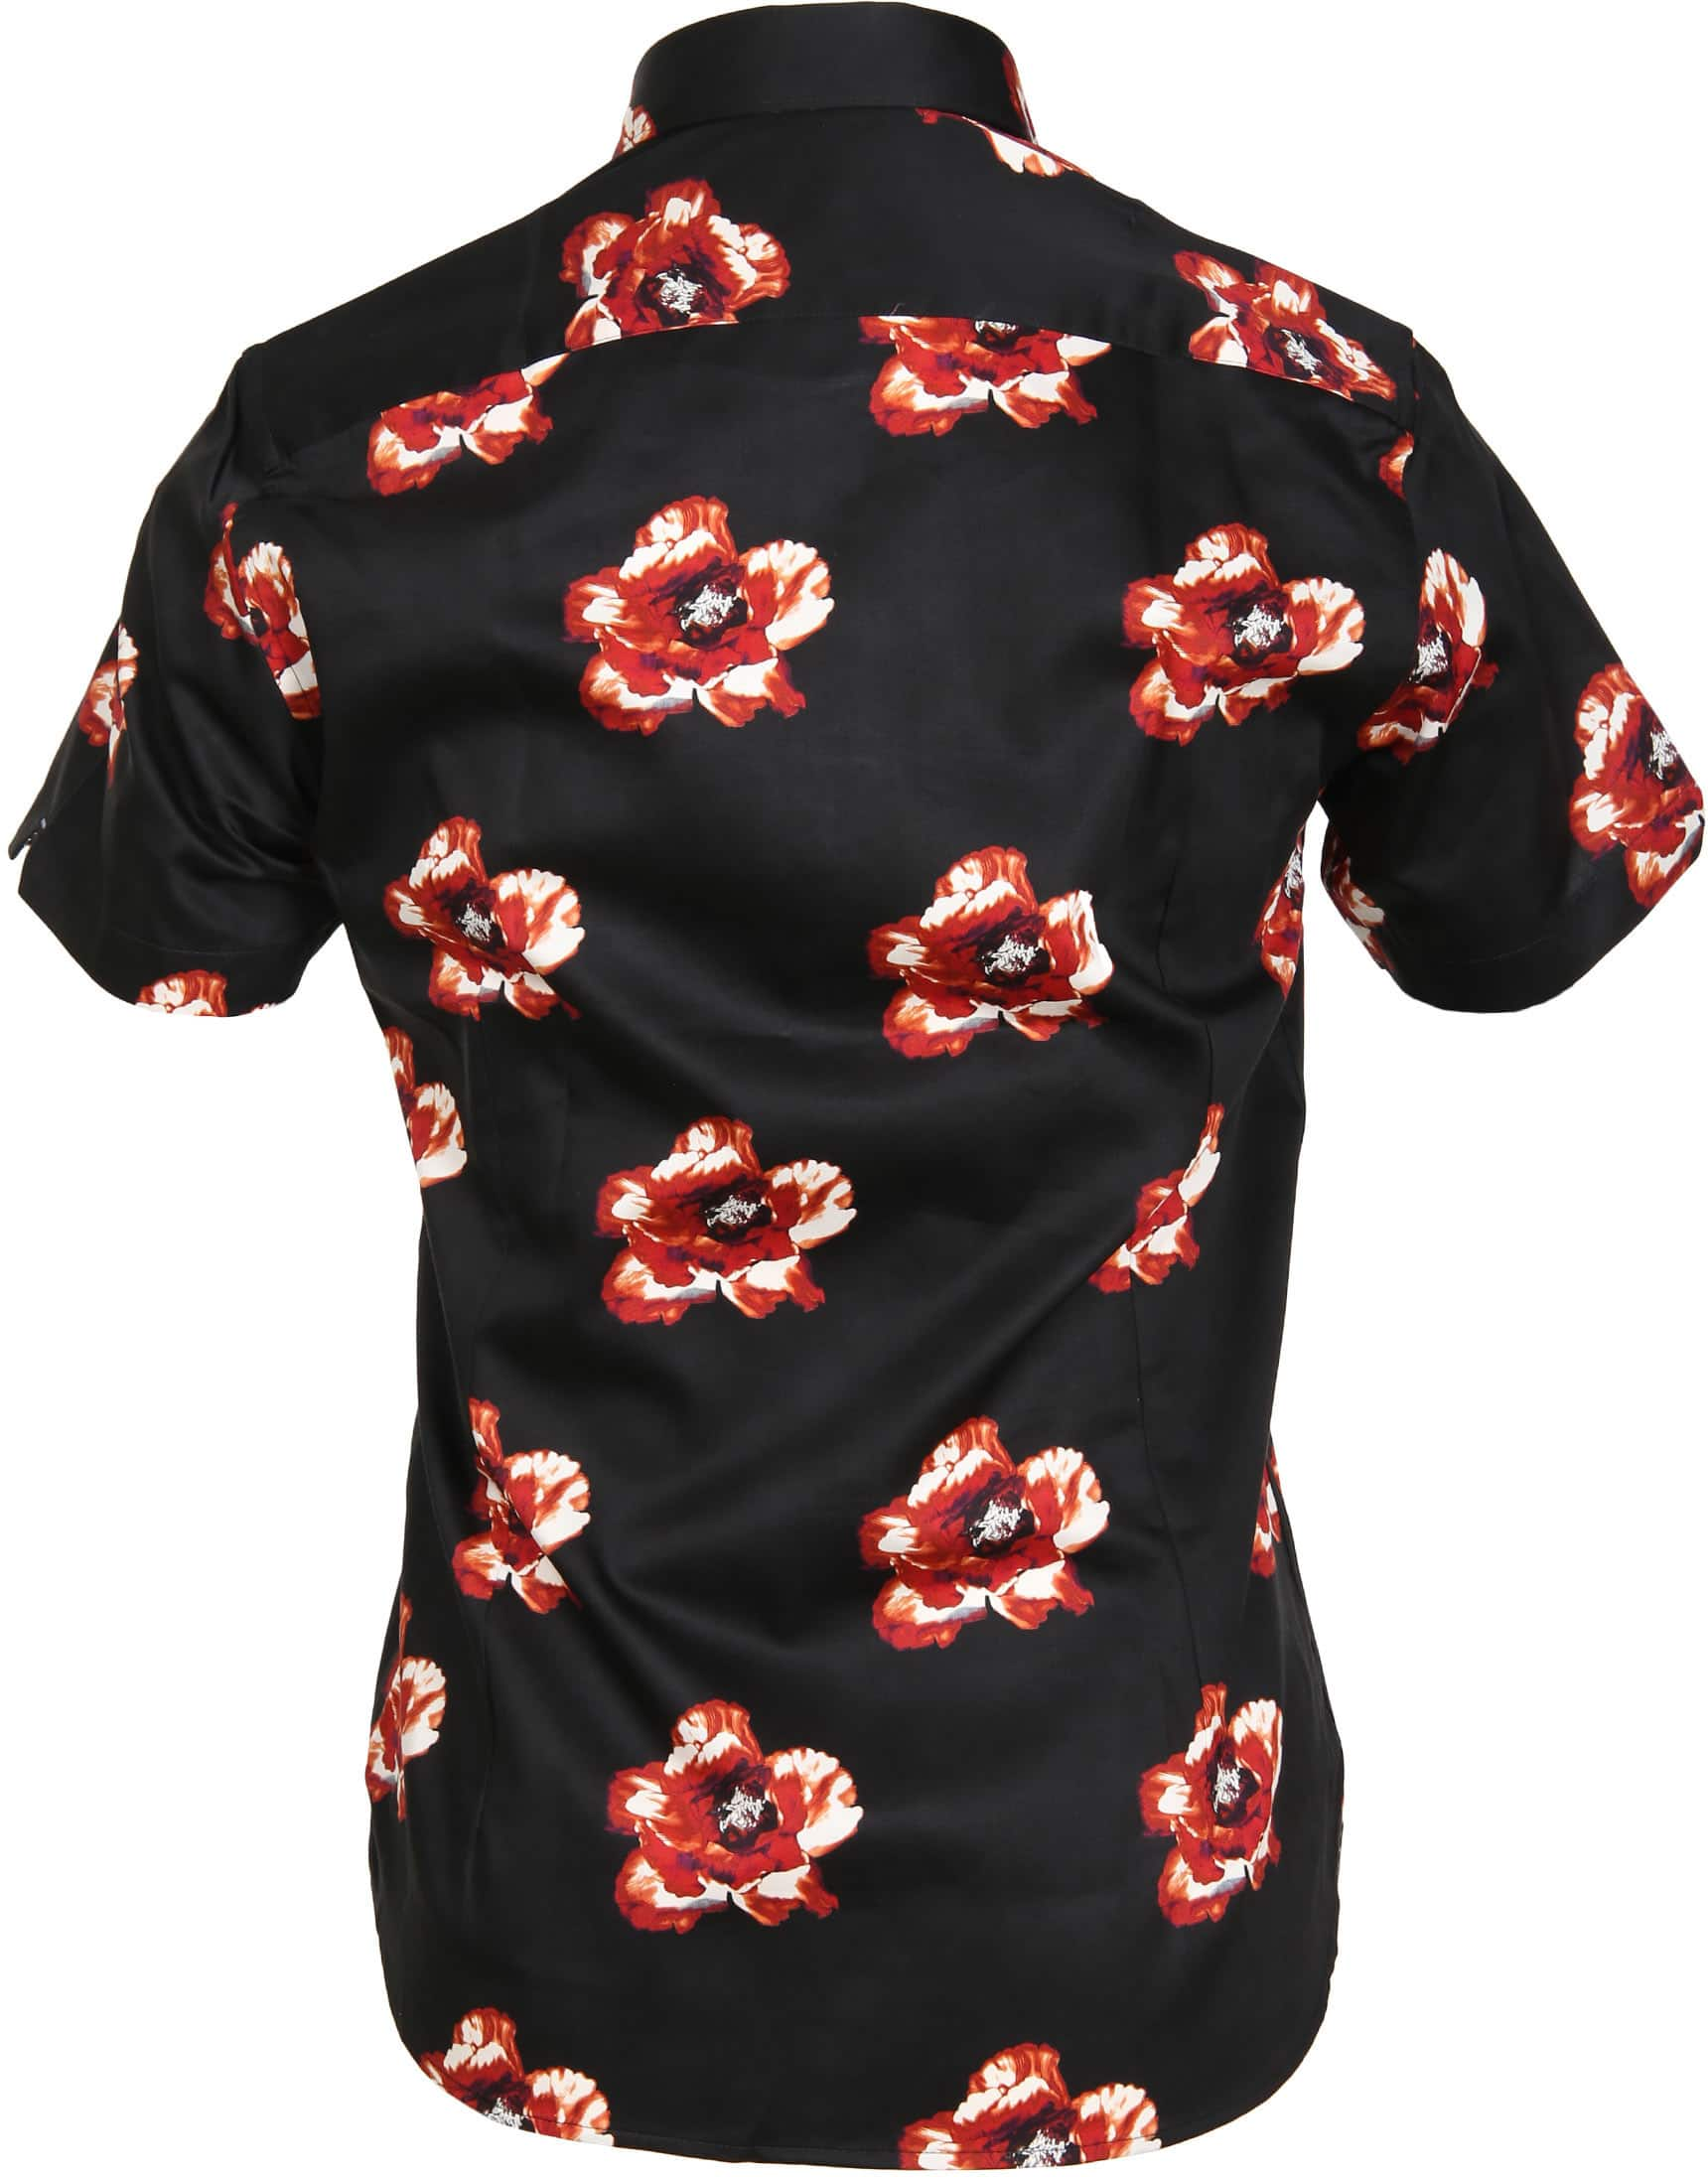 Ted Baker Overhemd Bloem Zwart foto 2